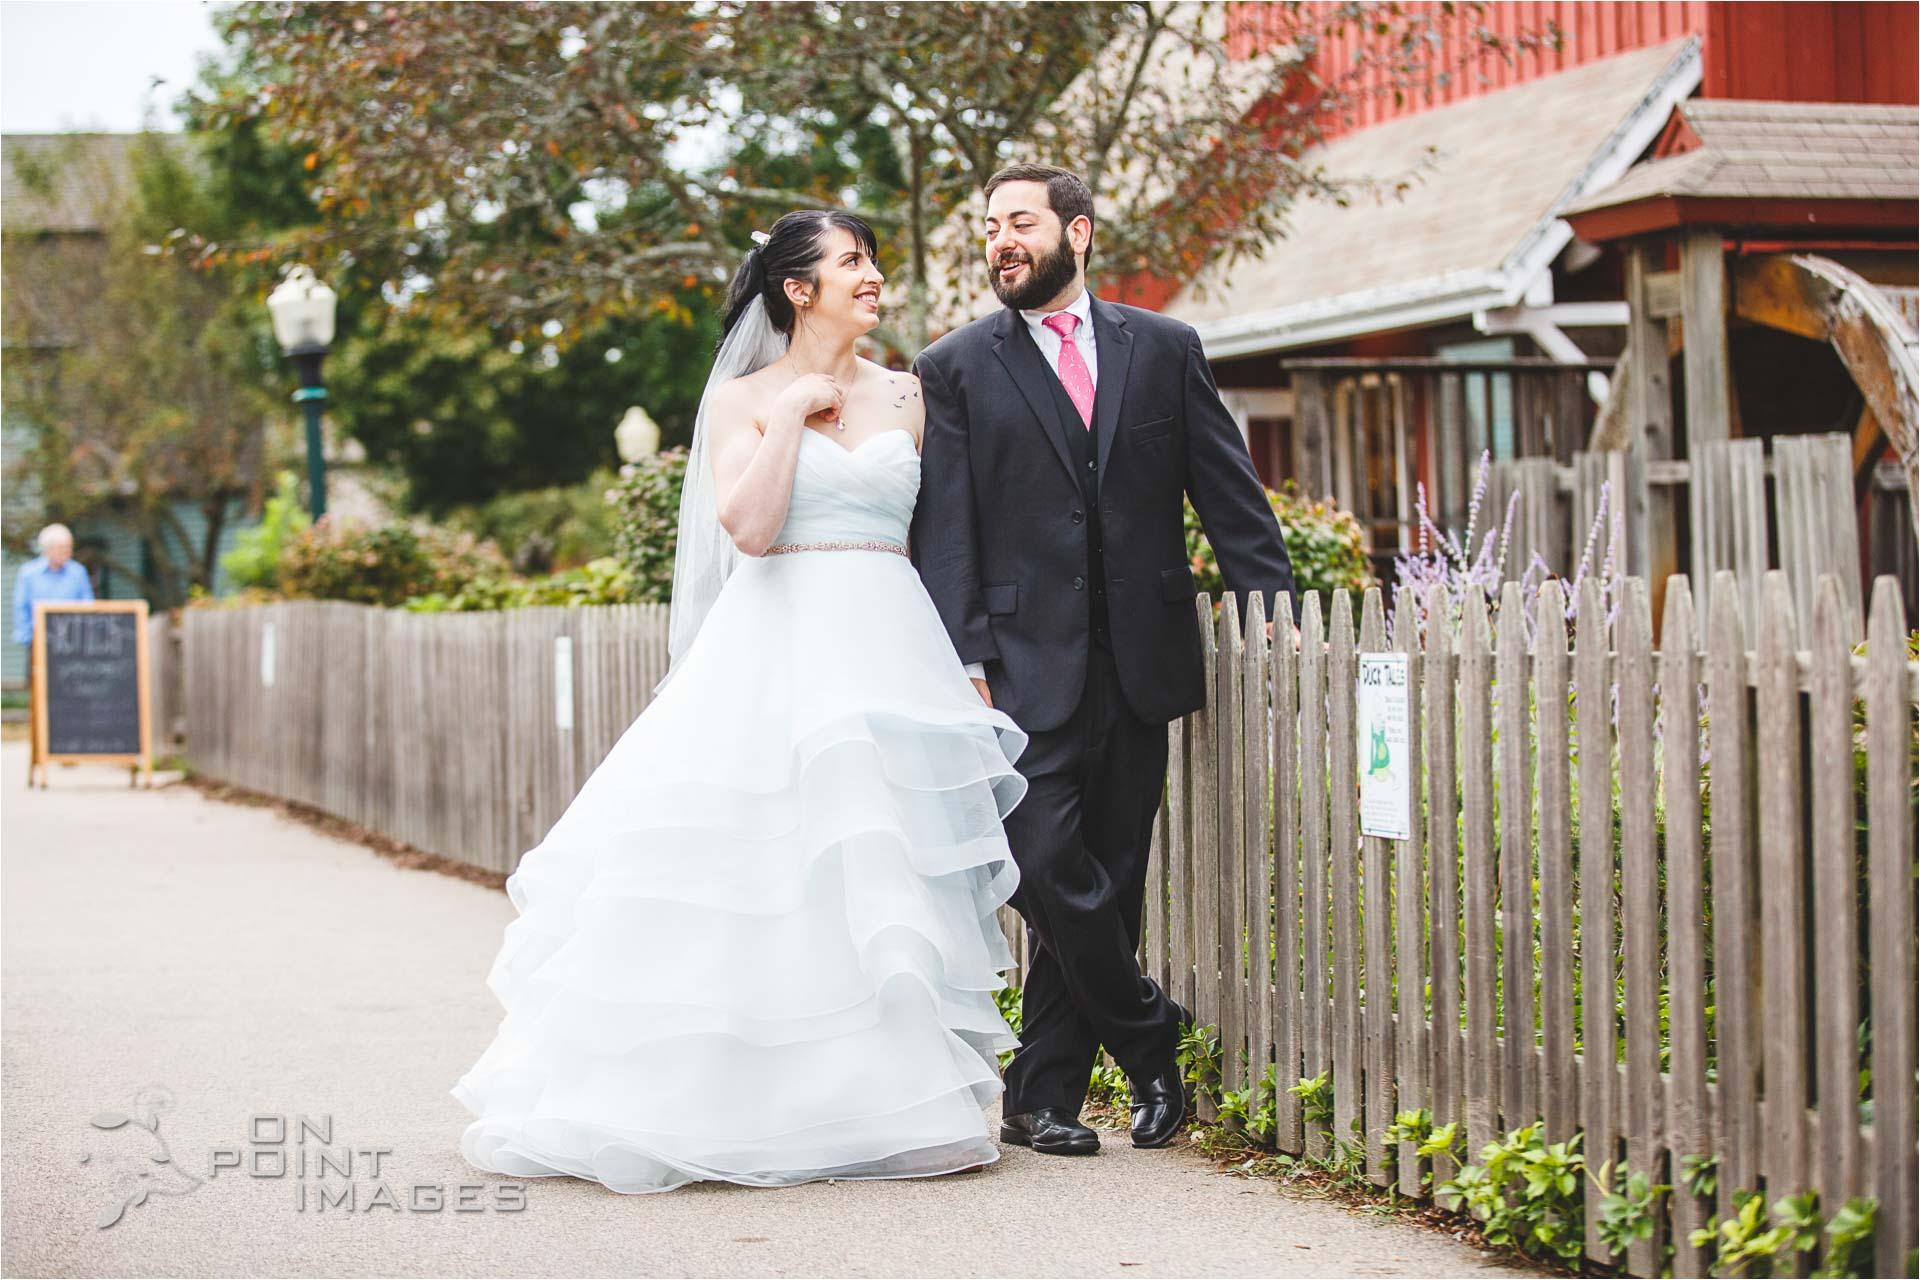 mystic-aquarium-wedding-photographs-09.jpg